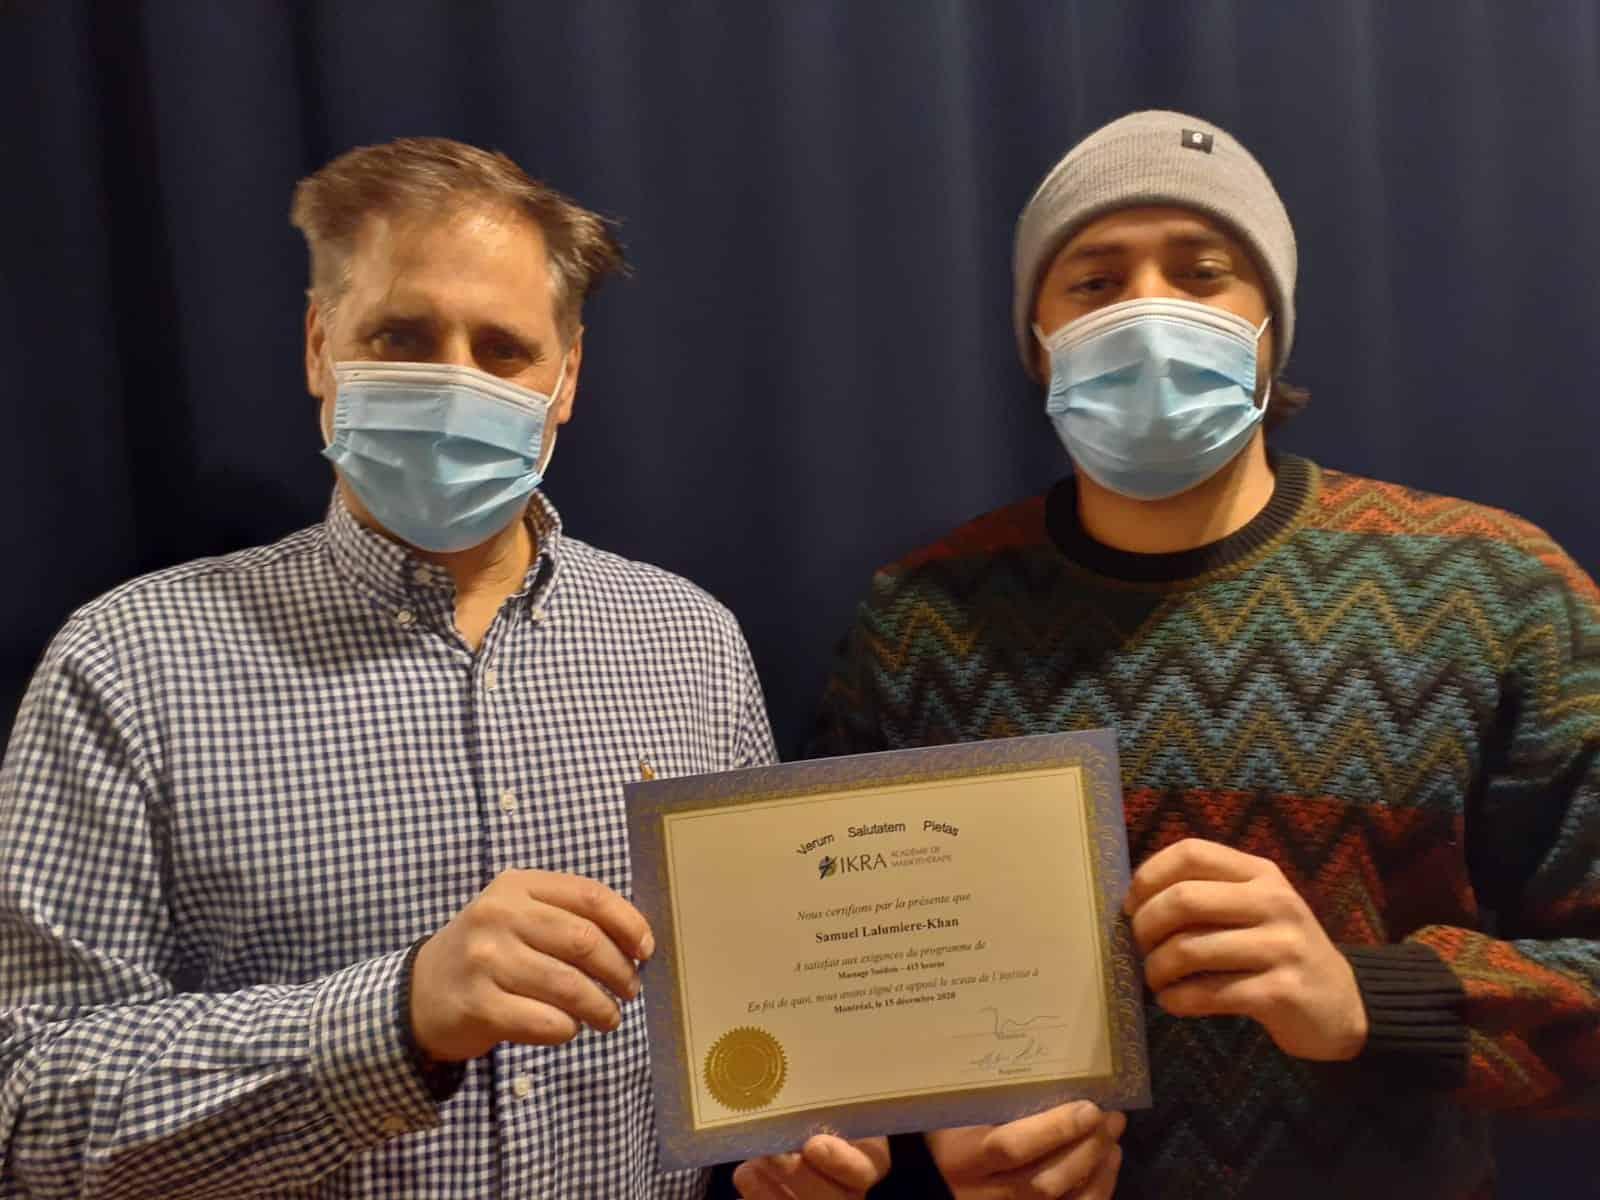 Samuel La lumière Khan reçoit son diplôme de l'académie de massothérapie IKRA.